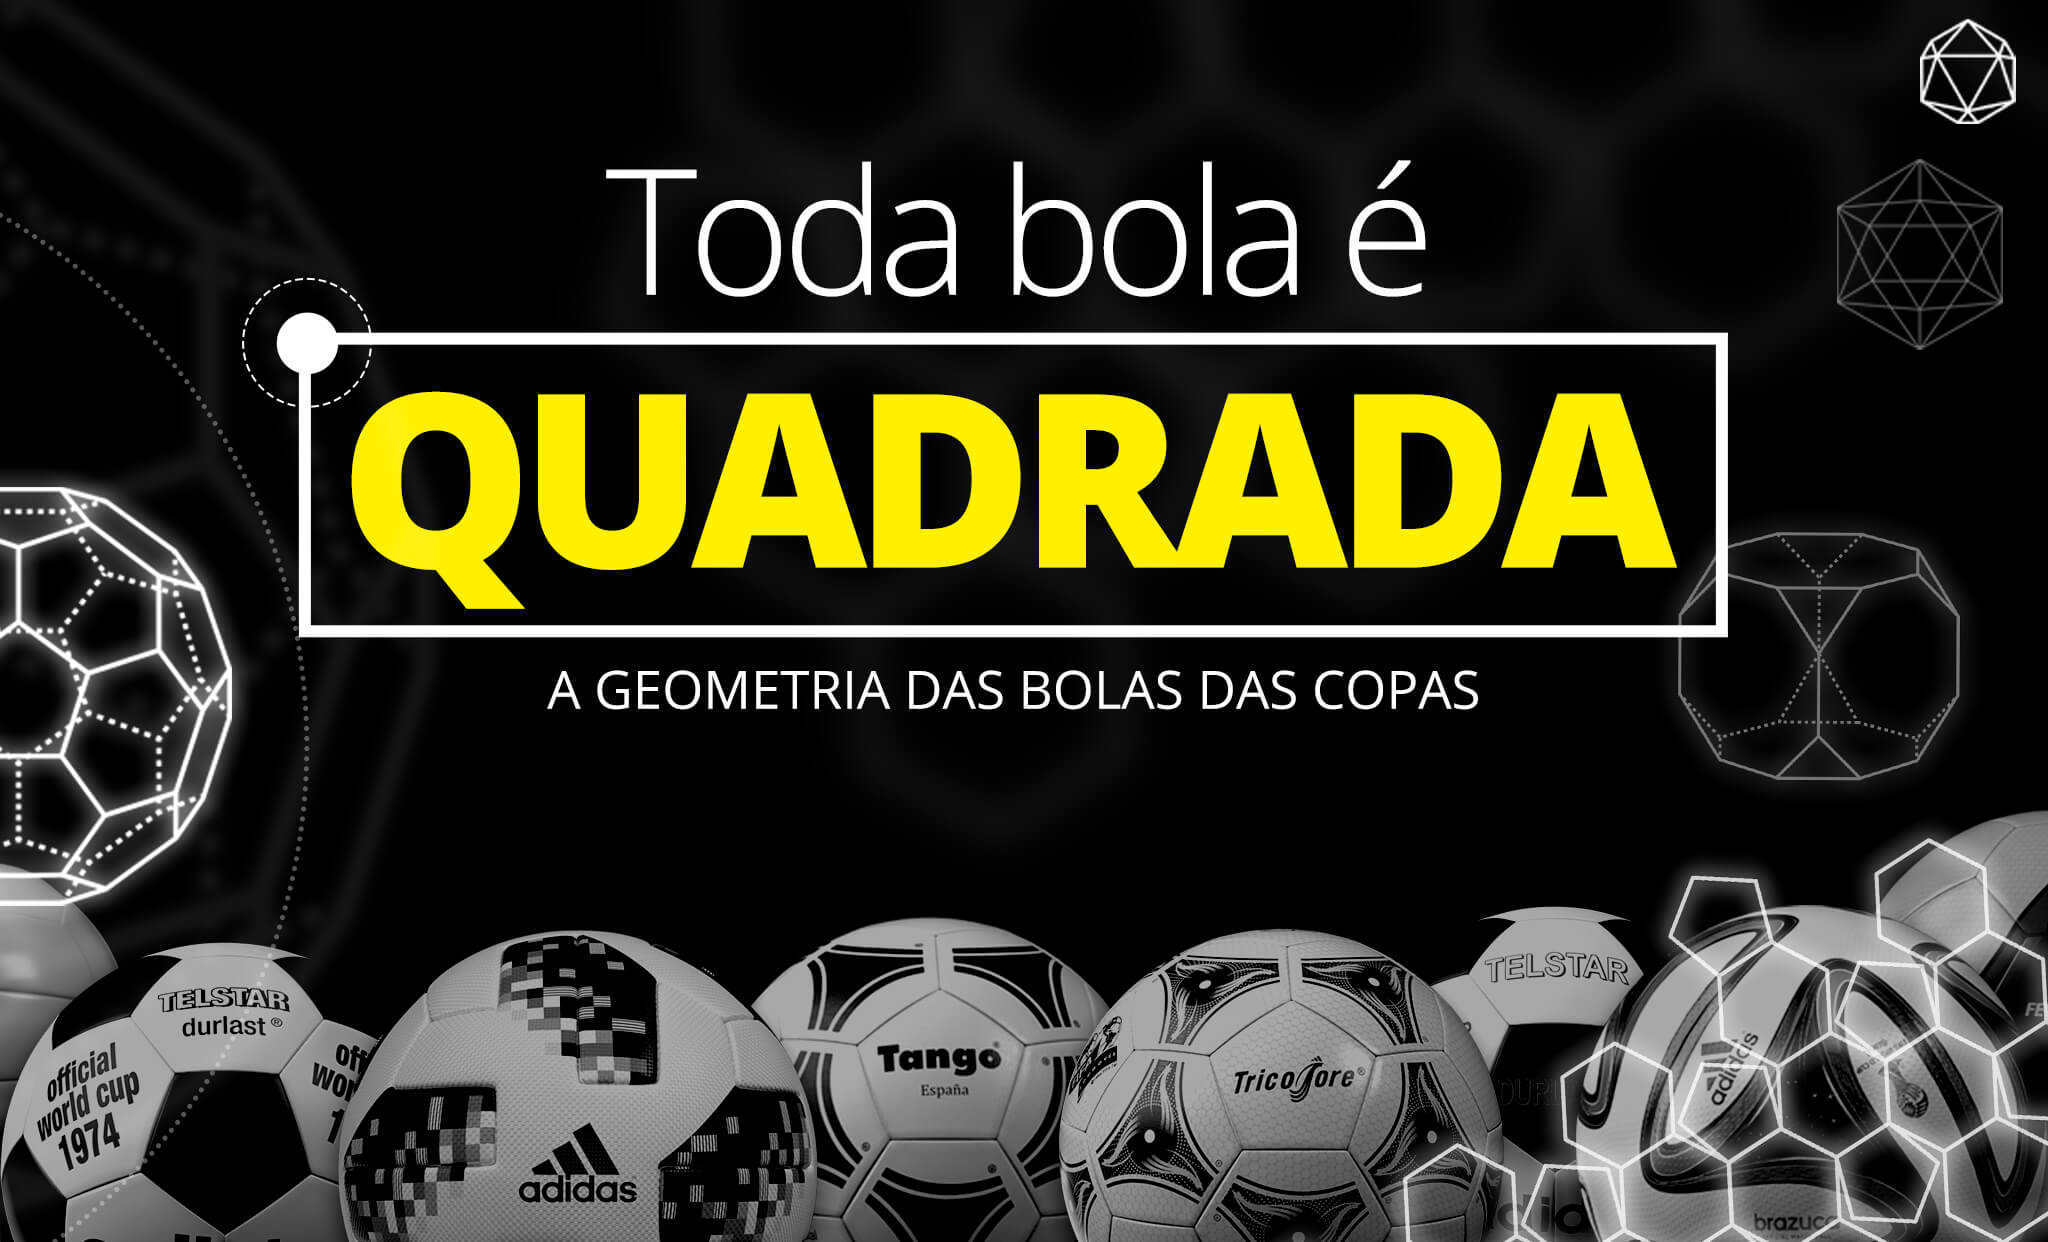 O Globoesporte.com desmonta as bolas de todas as Copas e mostra como a  tecnologia precisou voltar às origens para deixar a bola de futebol mais  redonda e ... 78570cfaad6b7